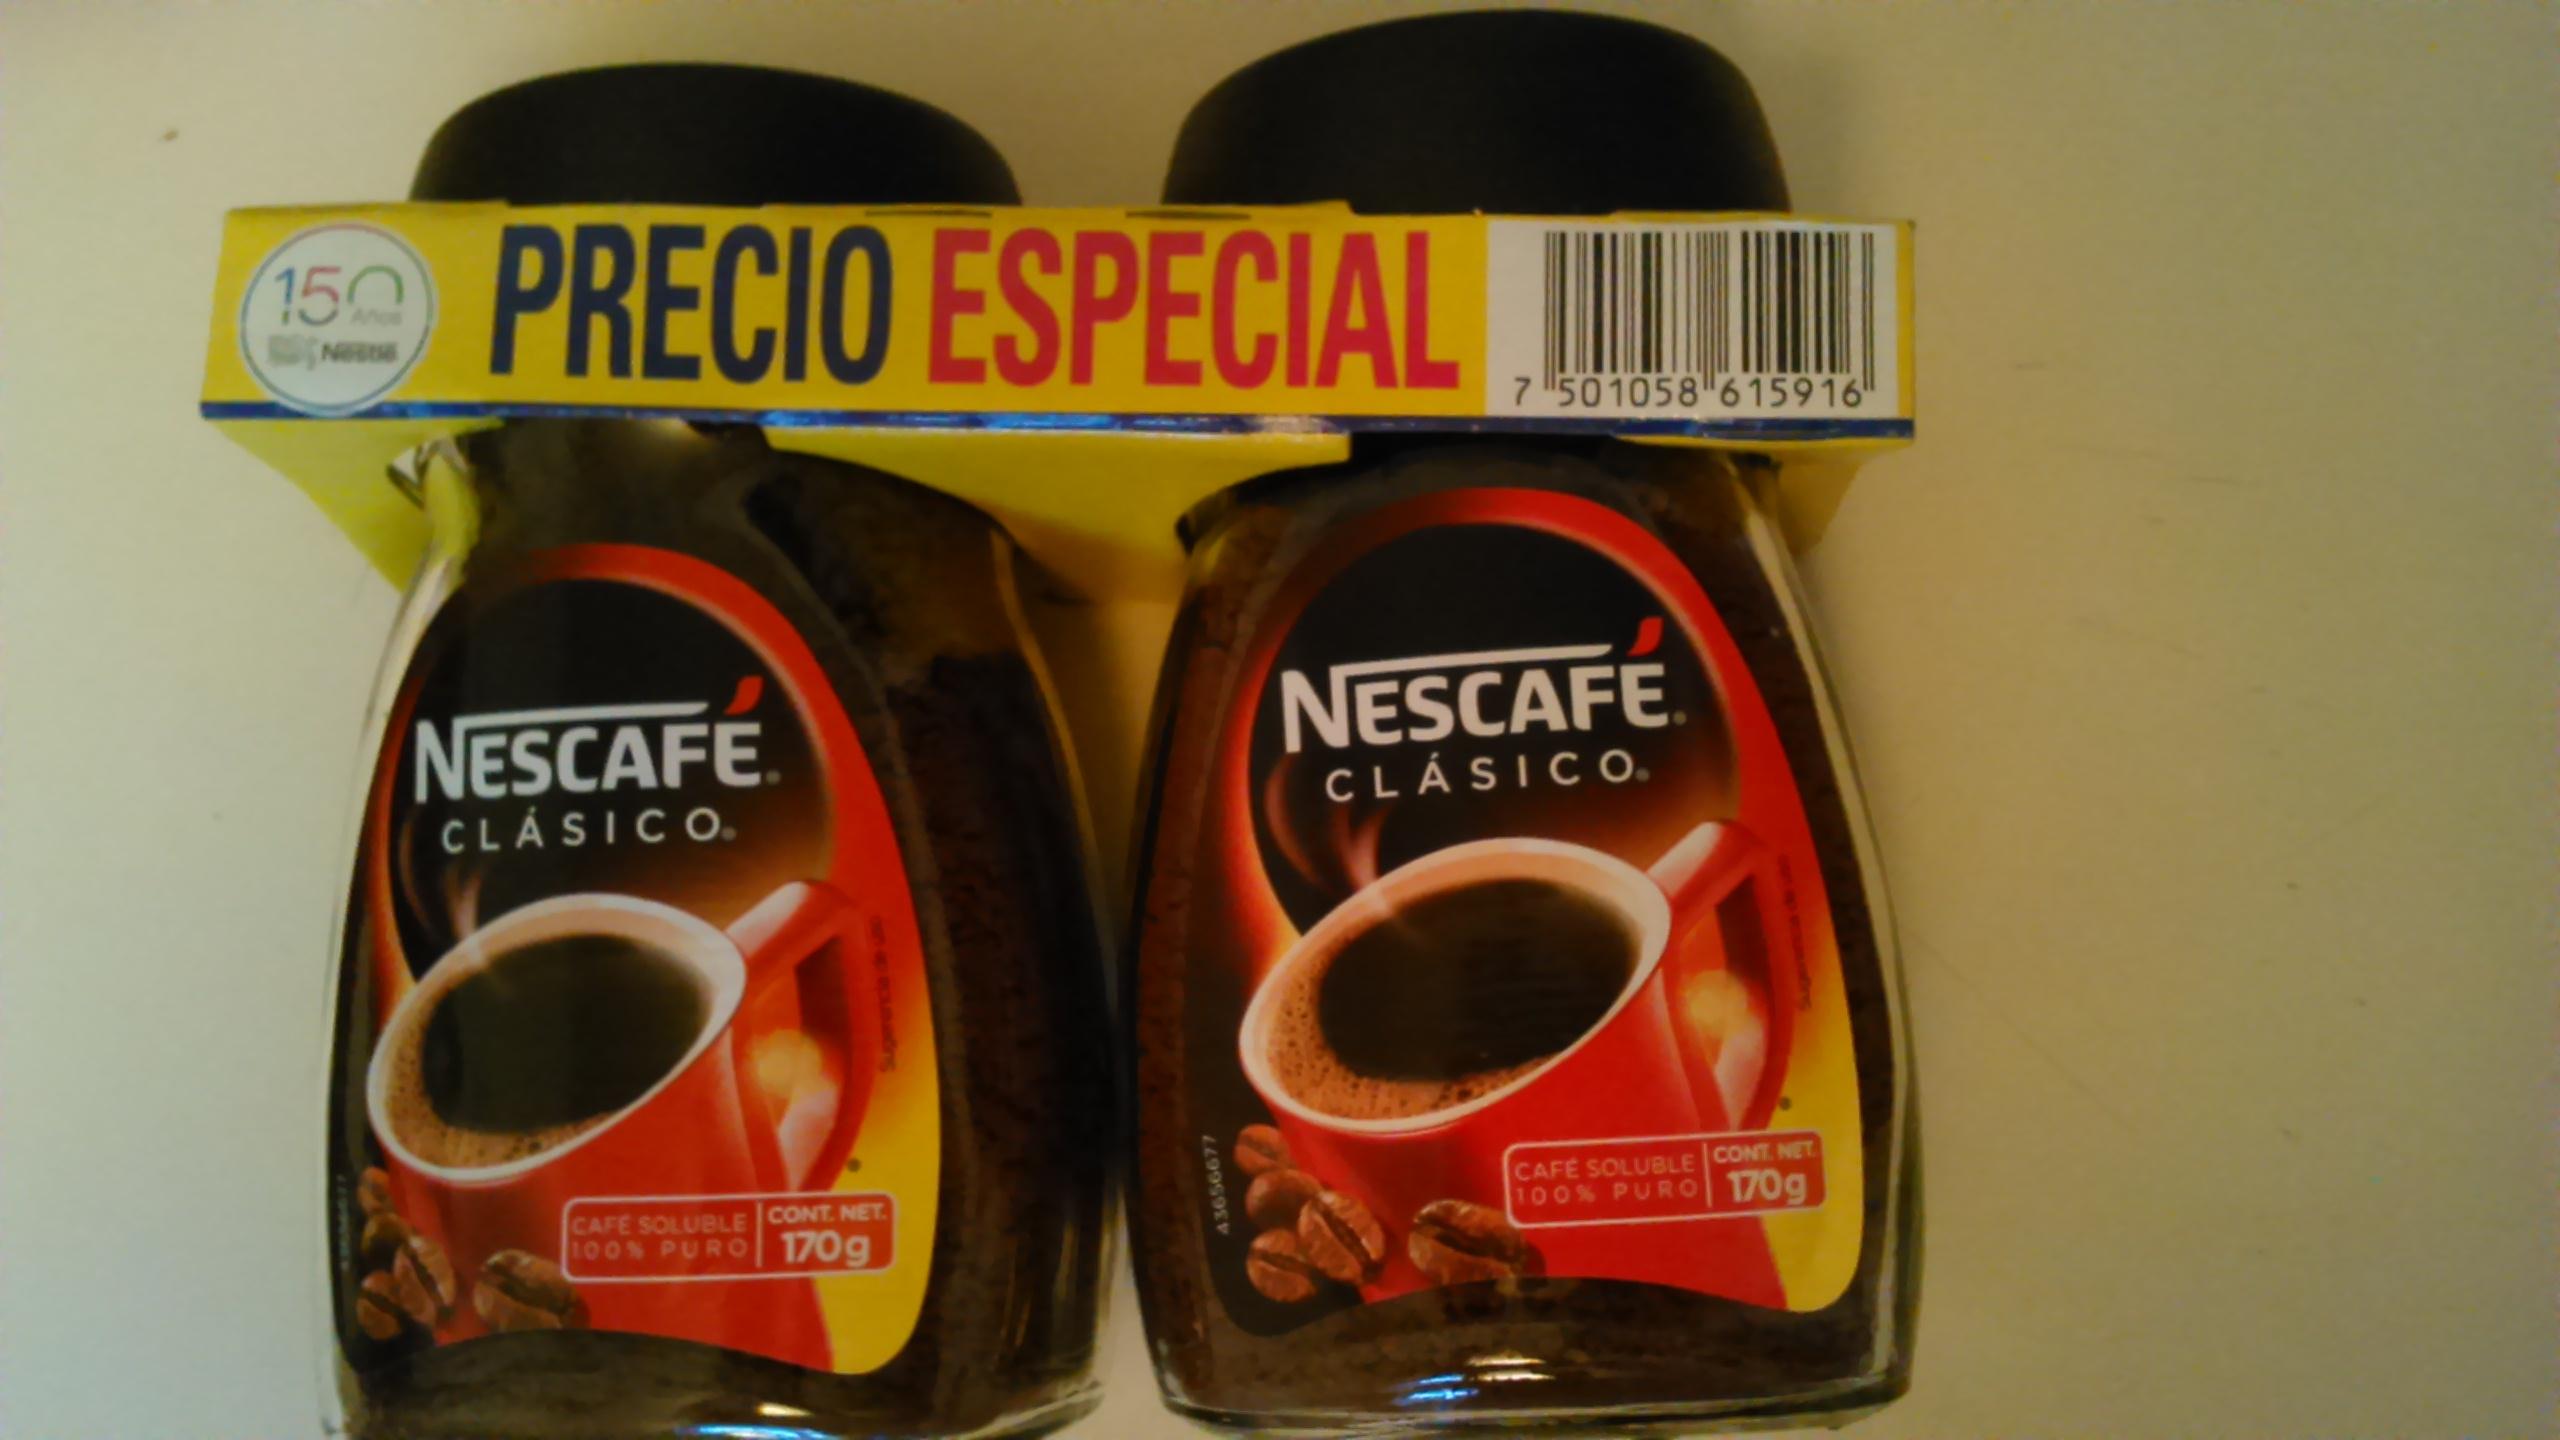 Bodega Aurrerá Santa Margarita Zapopan: 2 nescafe 170 grs $99